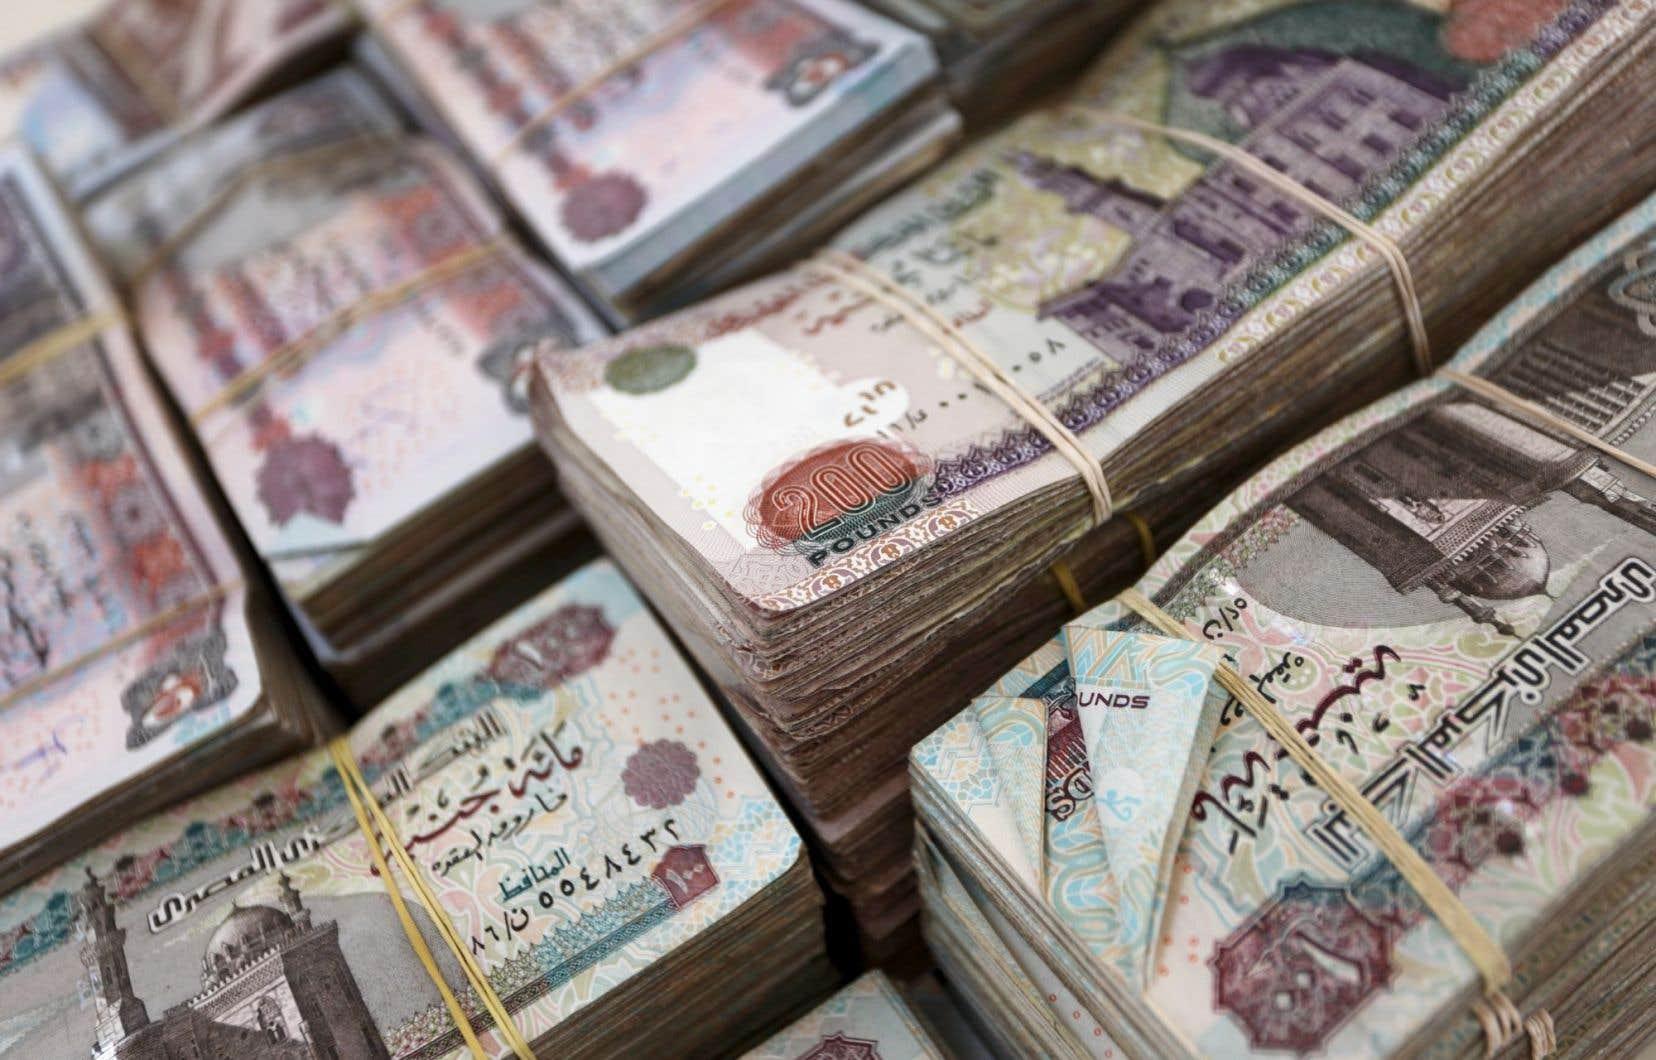 Avec la mesure annoncée jeudi, la Banque centrale espère réduire l'écart entre le taux de change officiel et celui du marché noir, une problématique au coeur de la crise monétaire.